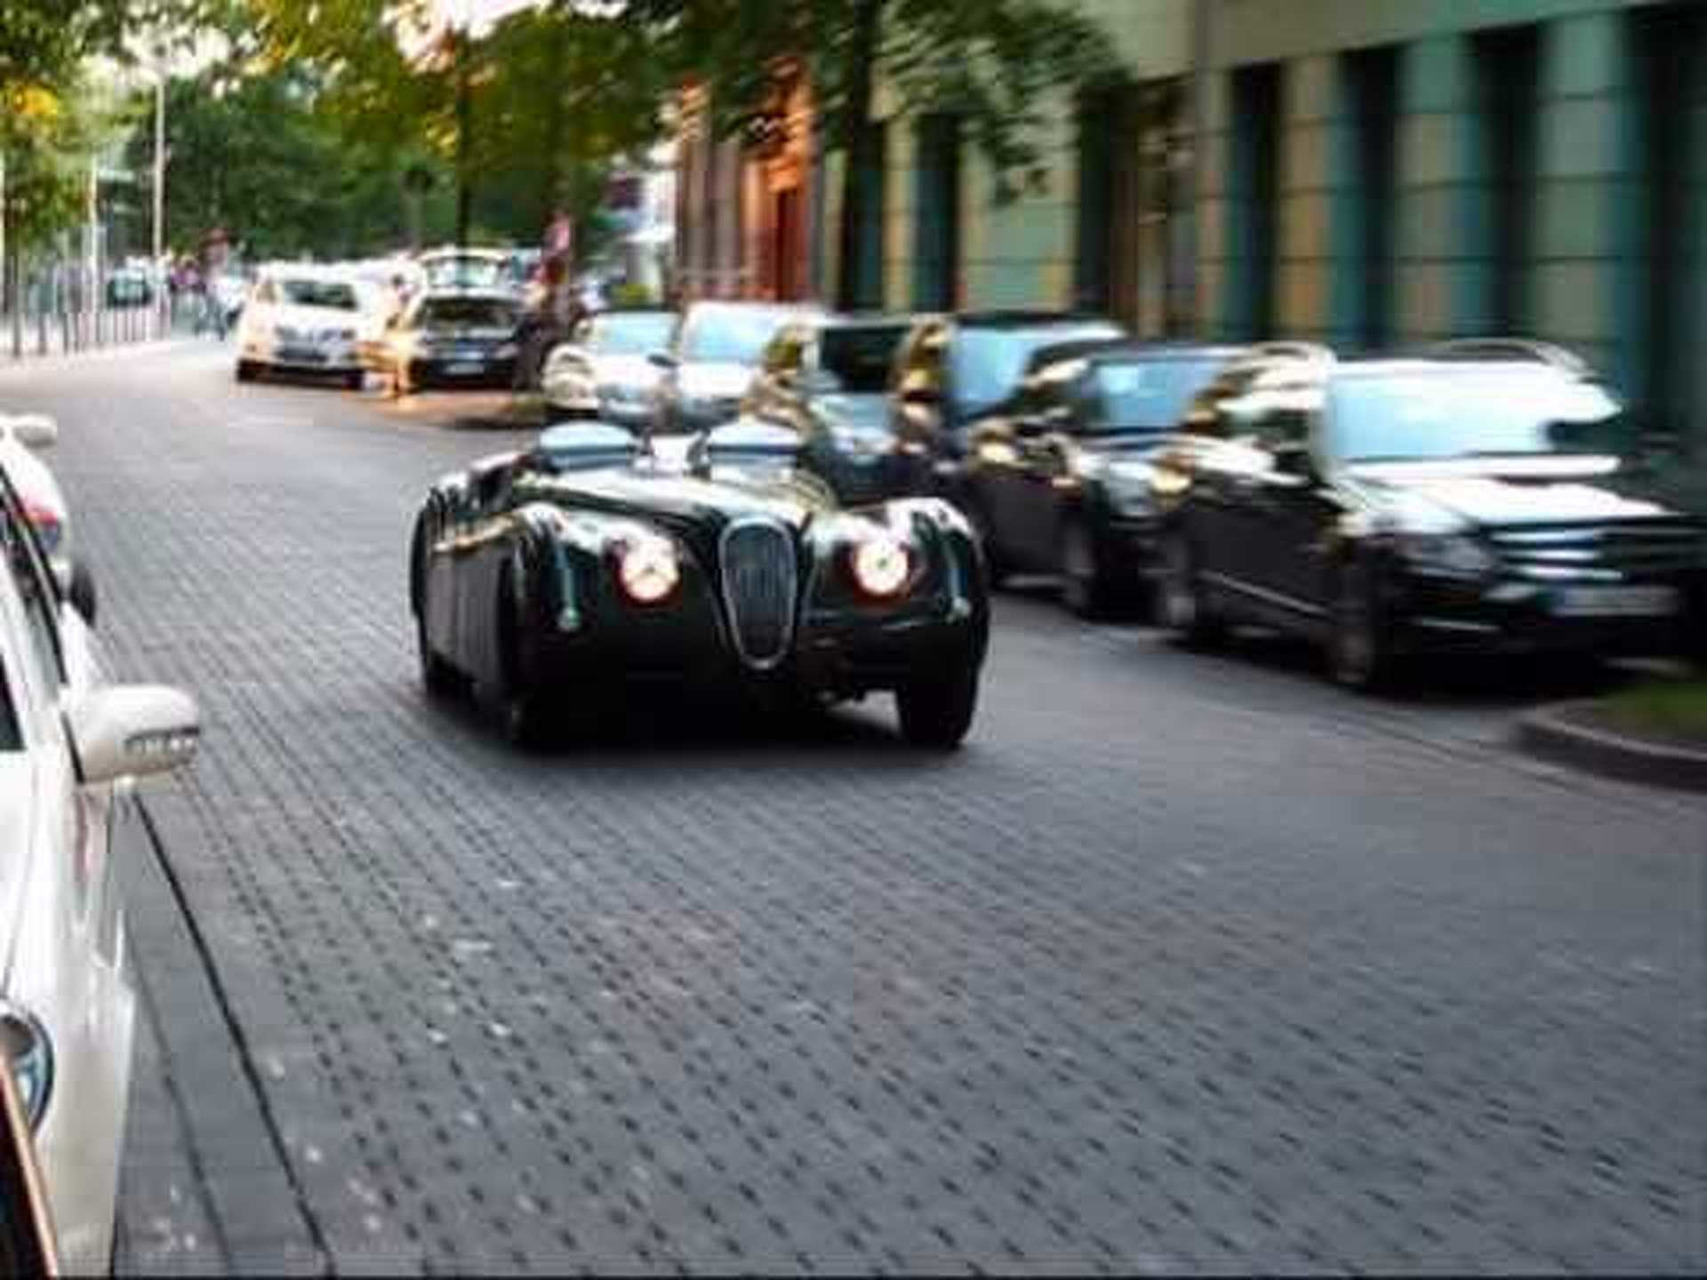 Jaguar XK120 OTS (CLASSIC RACER, HUGE ENGINE SOUNDS!) @ City Centre Düsseldorf